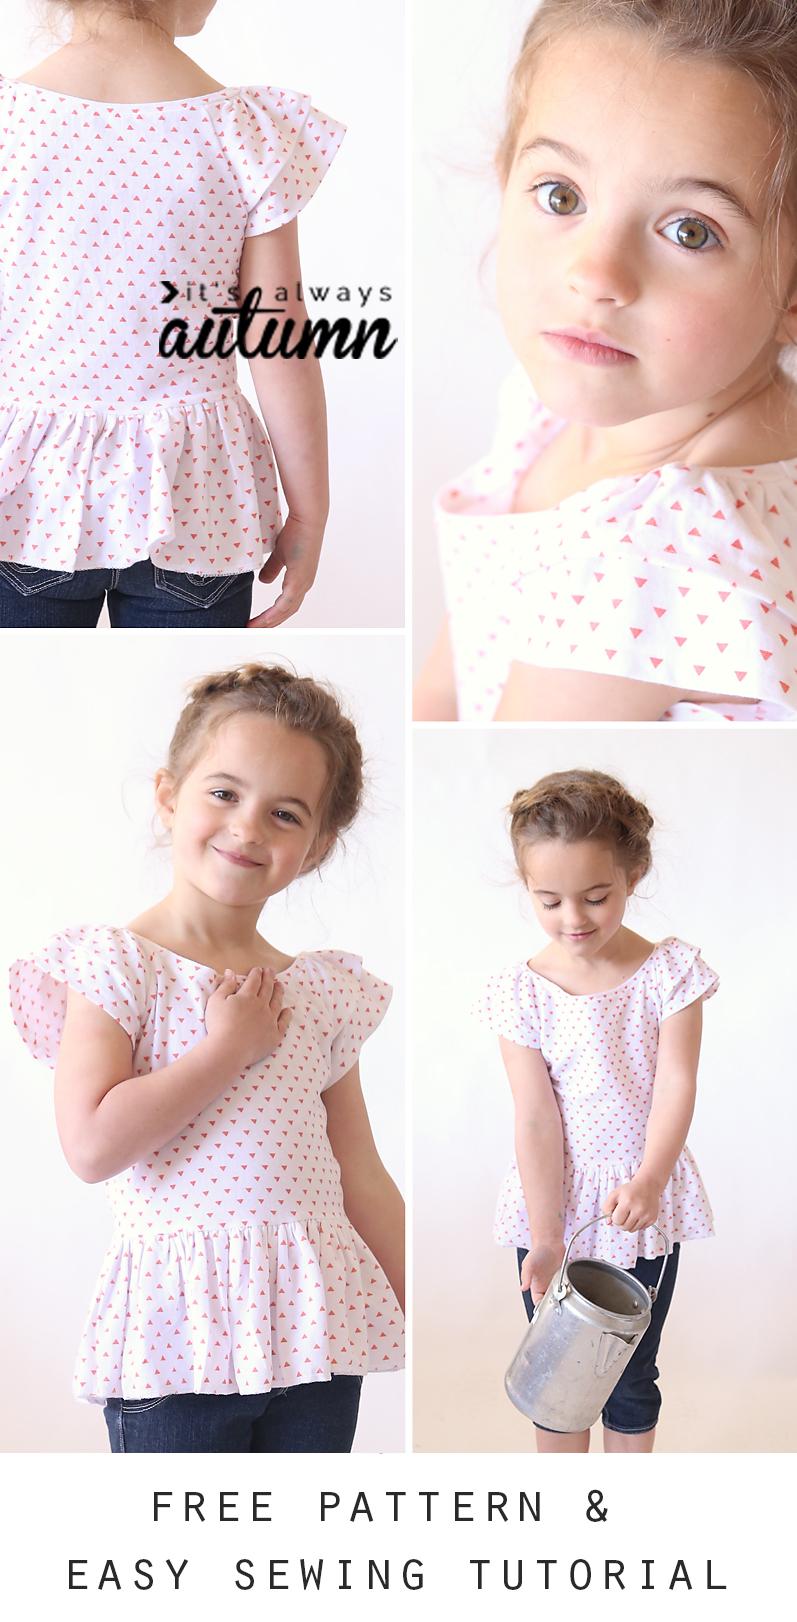 little girl wearing a polka dot peplum shirt with flutter sleeves